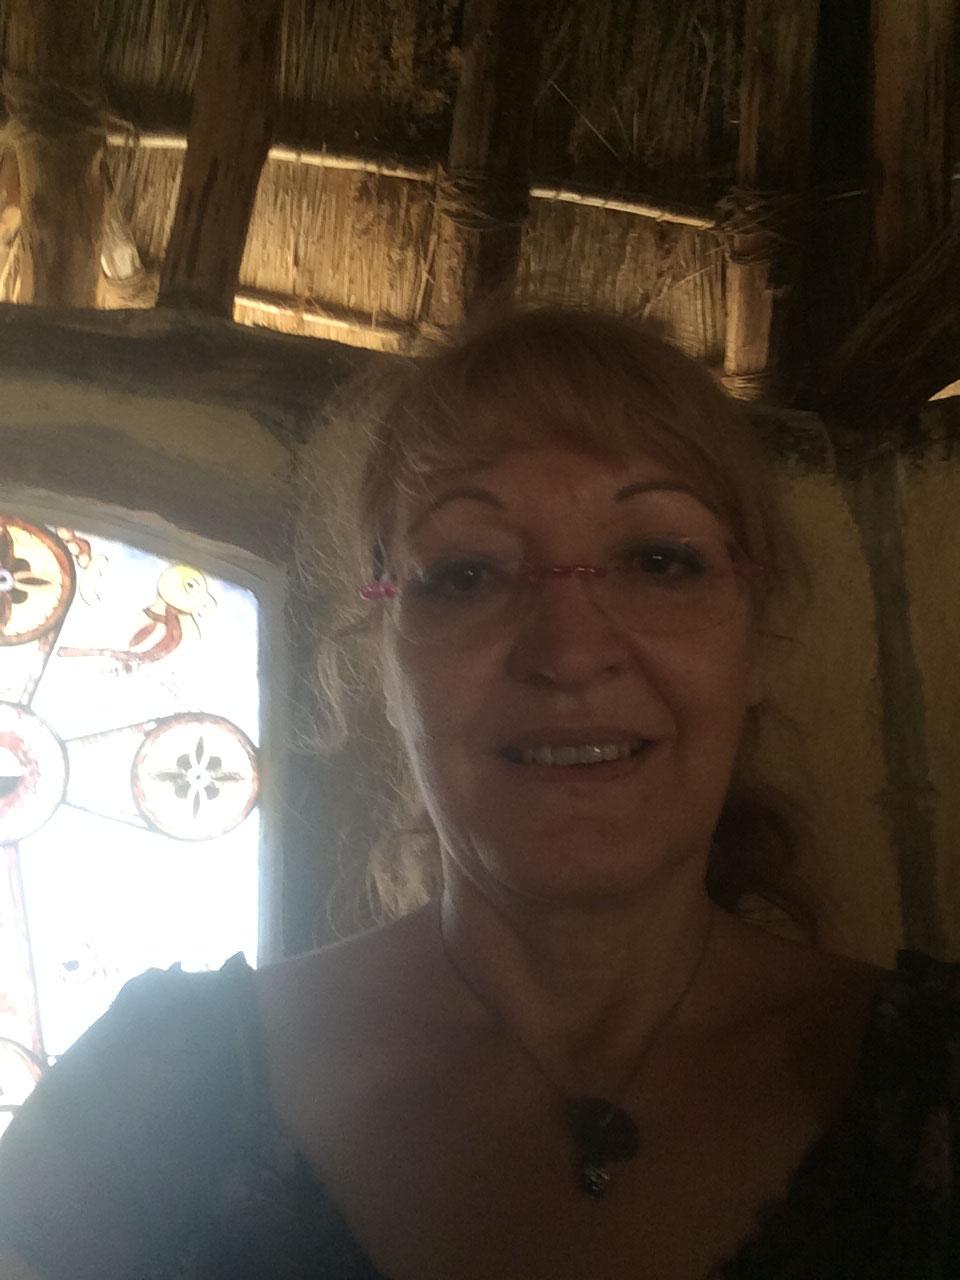 Dans la chapelle carolingienne, reconstruite selon les techniques architecturales de l'époque